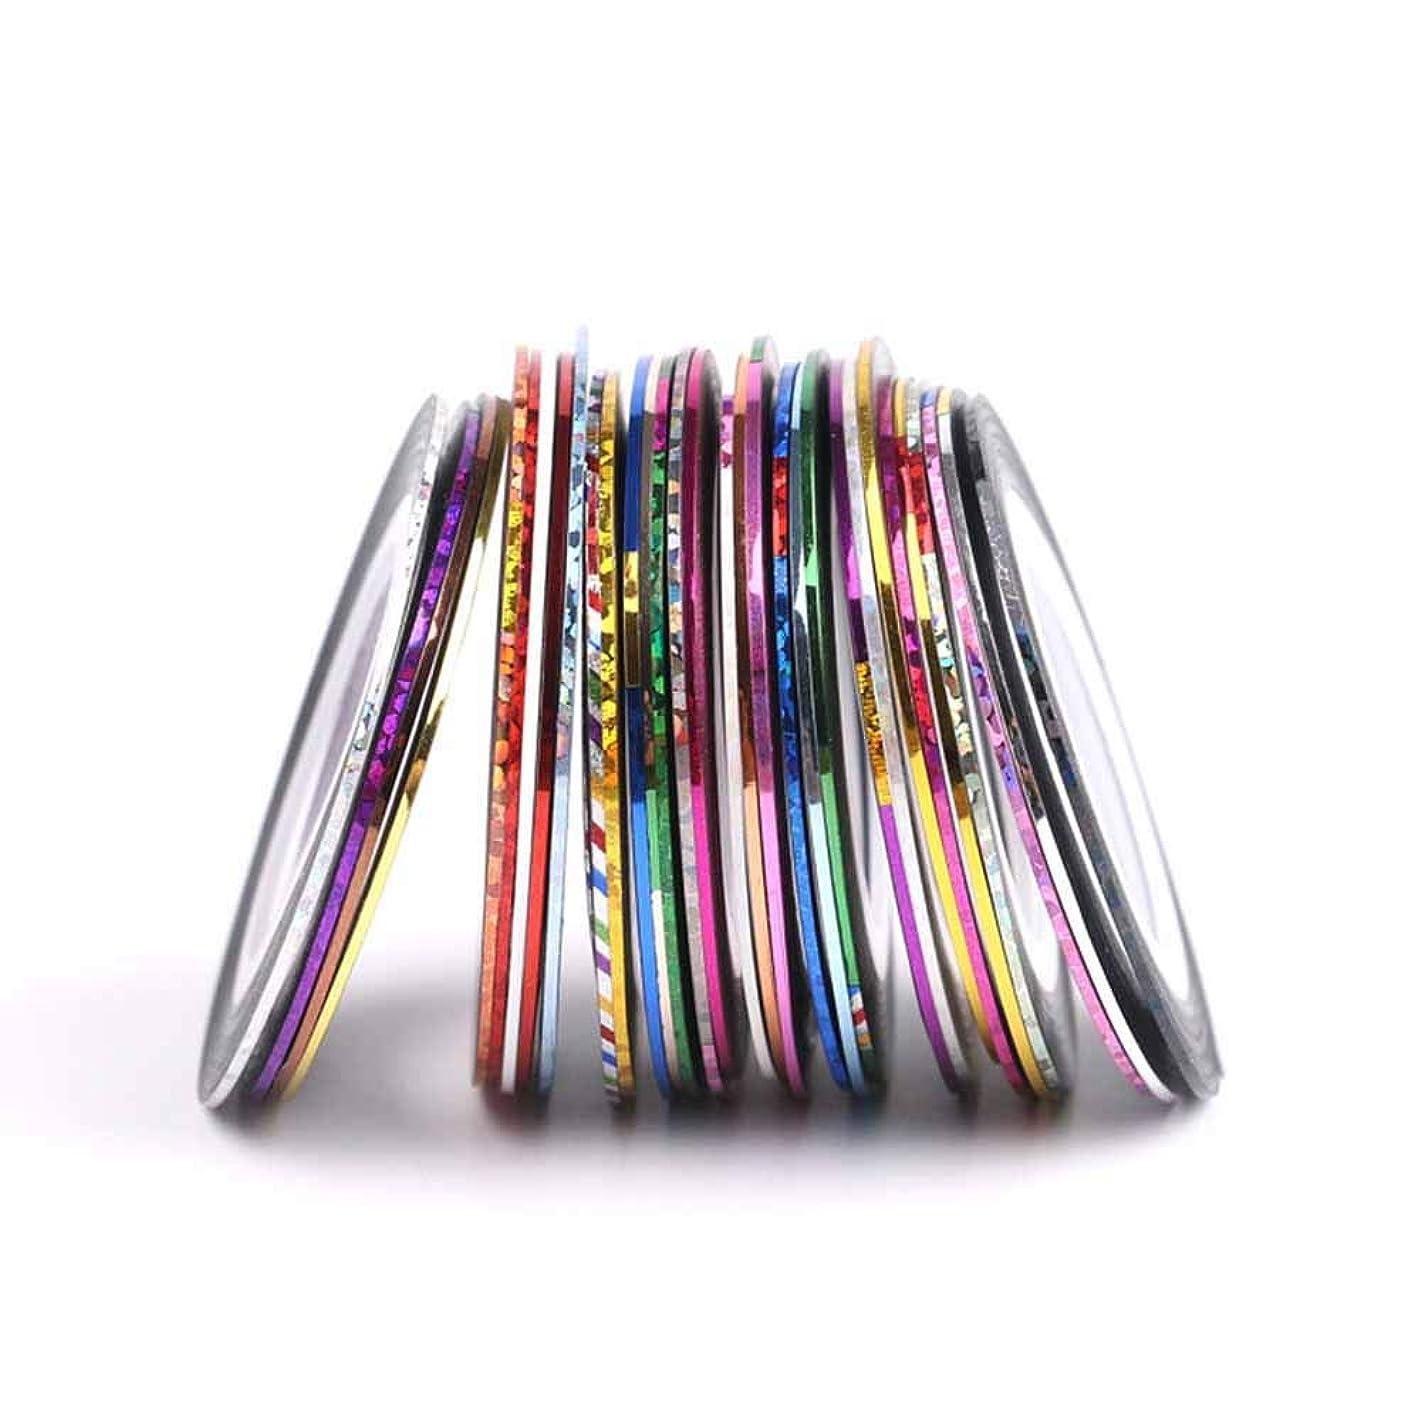 処理任意殺人者OSOGODE(オソグド) ネイルアート用 ラインテープ 30色セット マニキュア ネイルアートツール ラインアートテープ ネイルケアセット